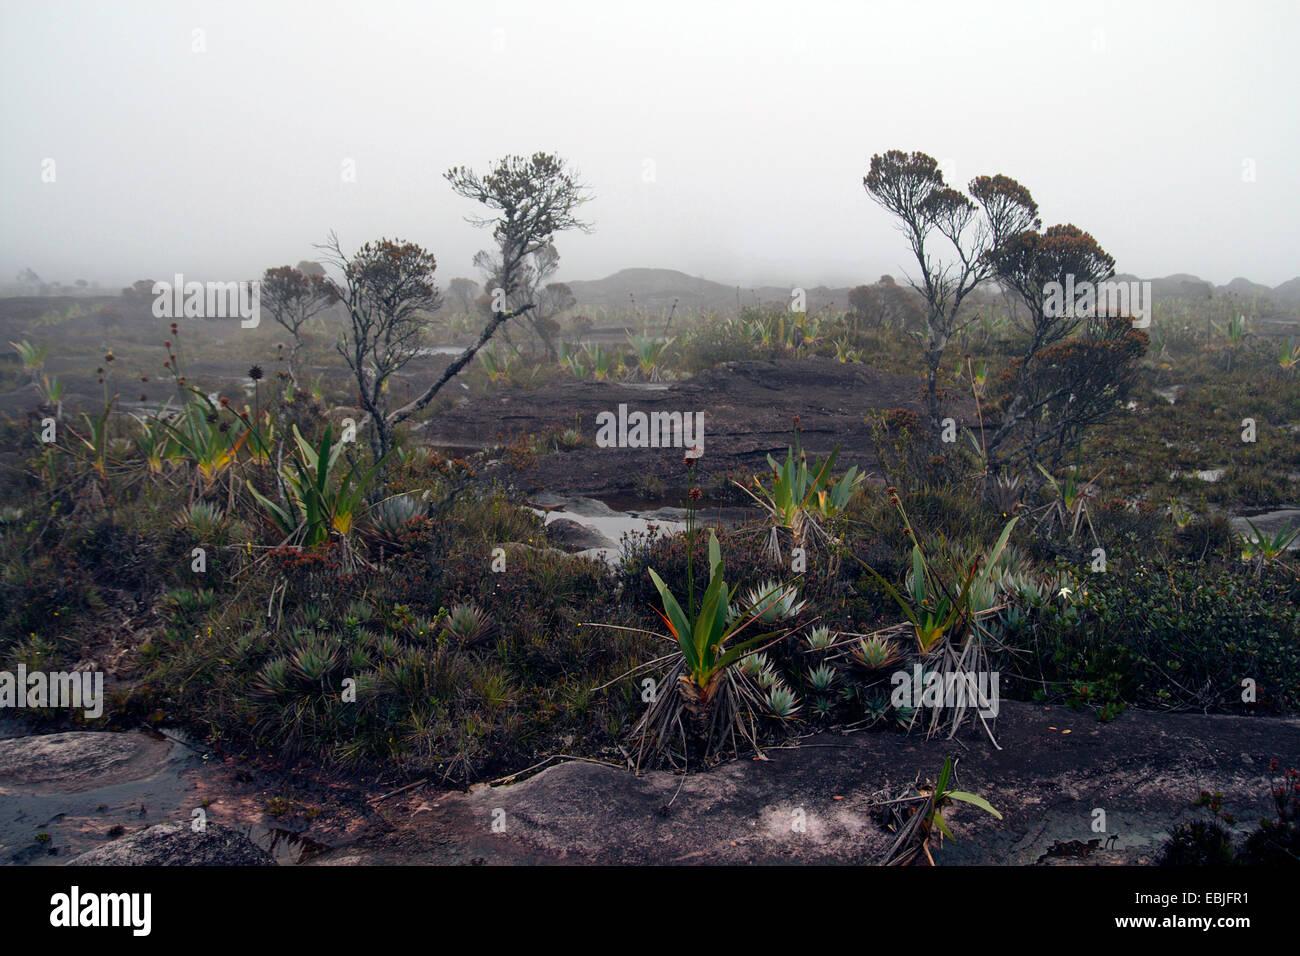 rock landscape on the tableland of the mesa Mount Roraima, Venezuela, Canaima National Park - Stock Image